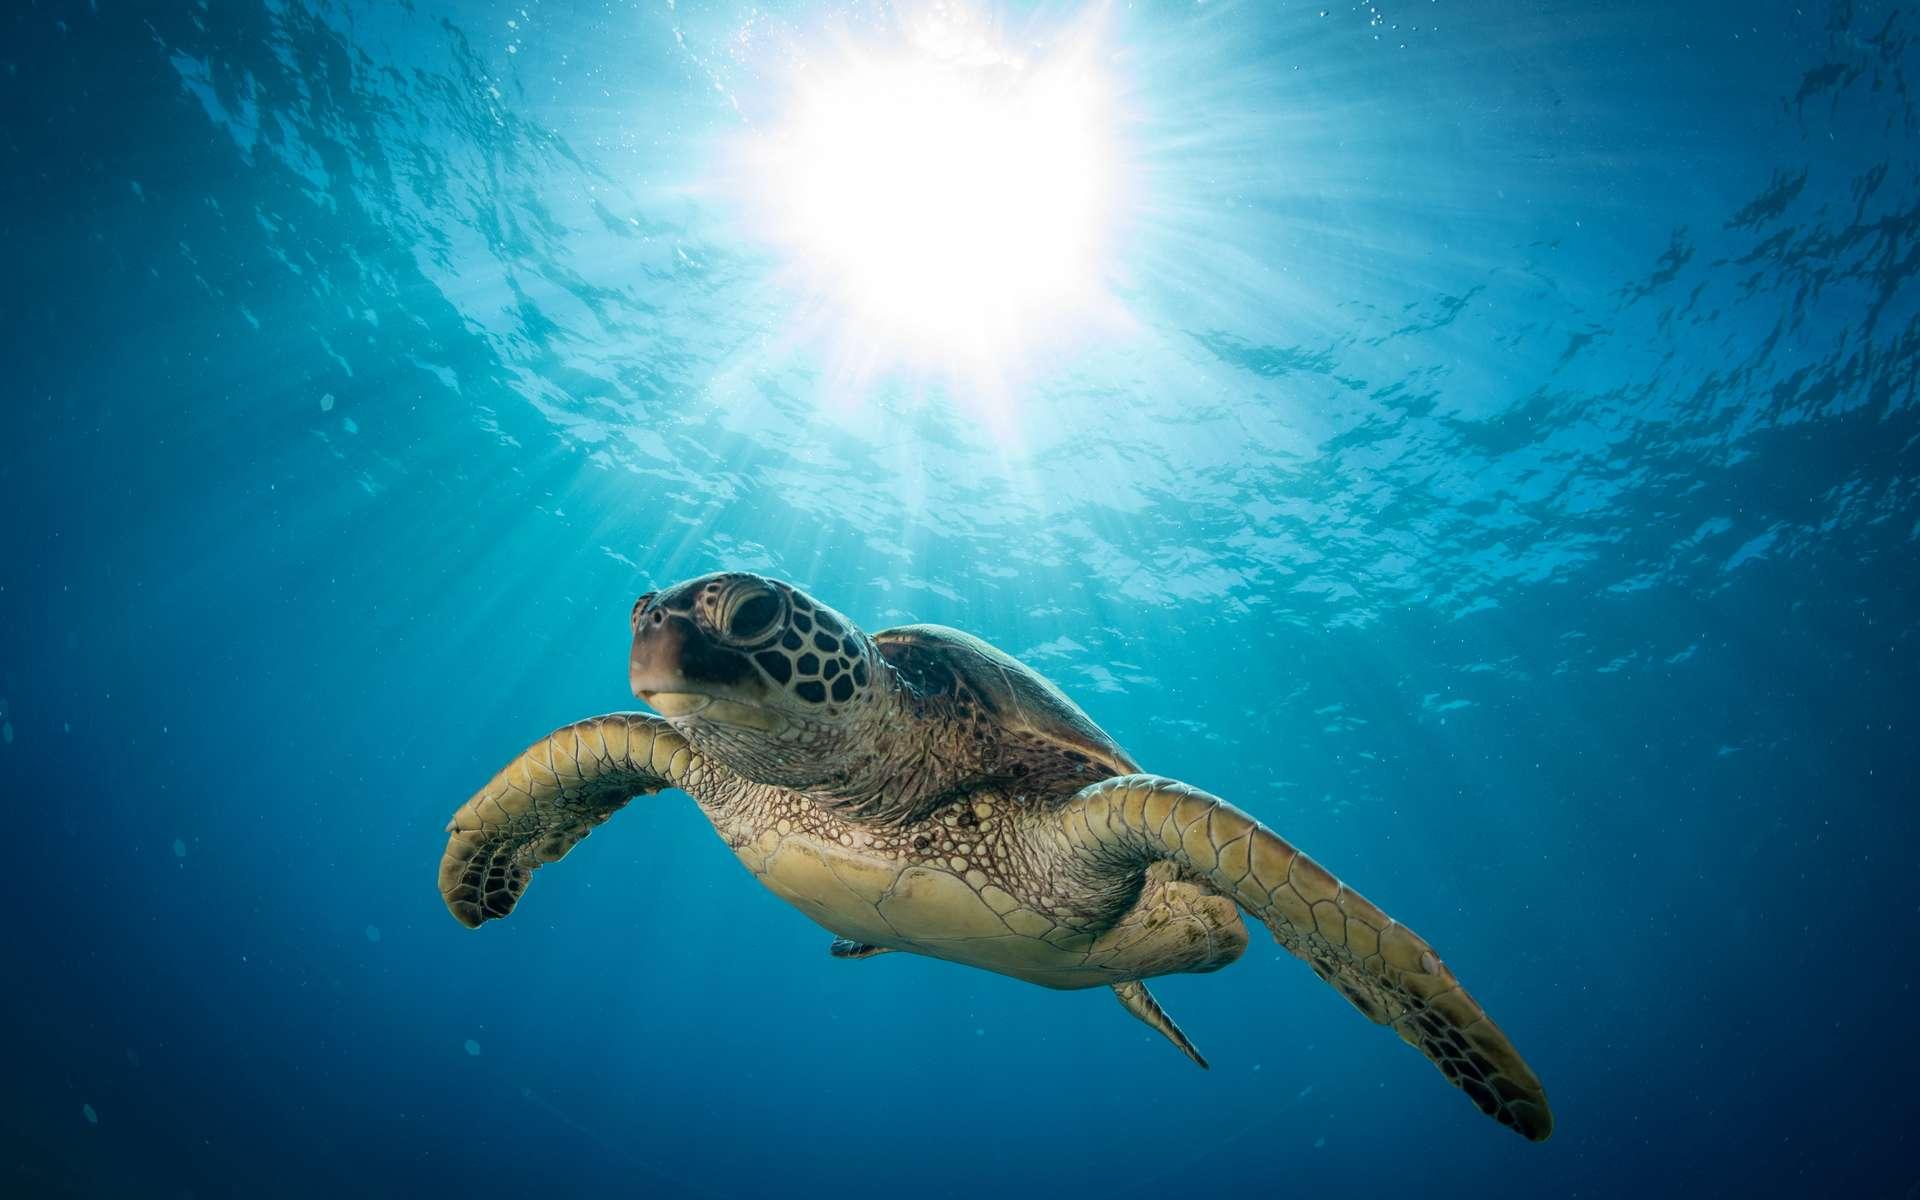 Le mode de vie des tortues de mer les rendrait plus vulnérables à la pollution plastique. © Drew, Adobe Stock